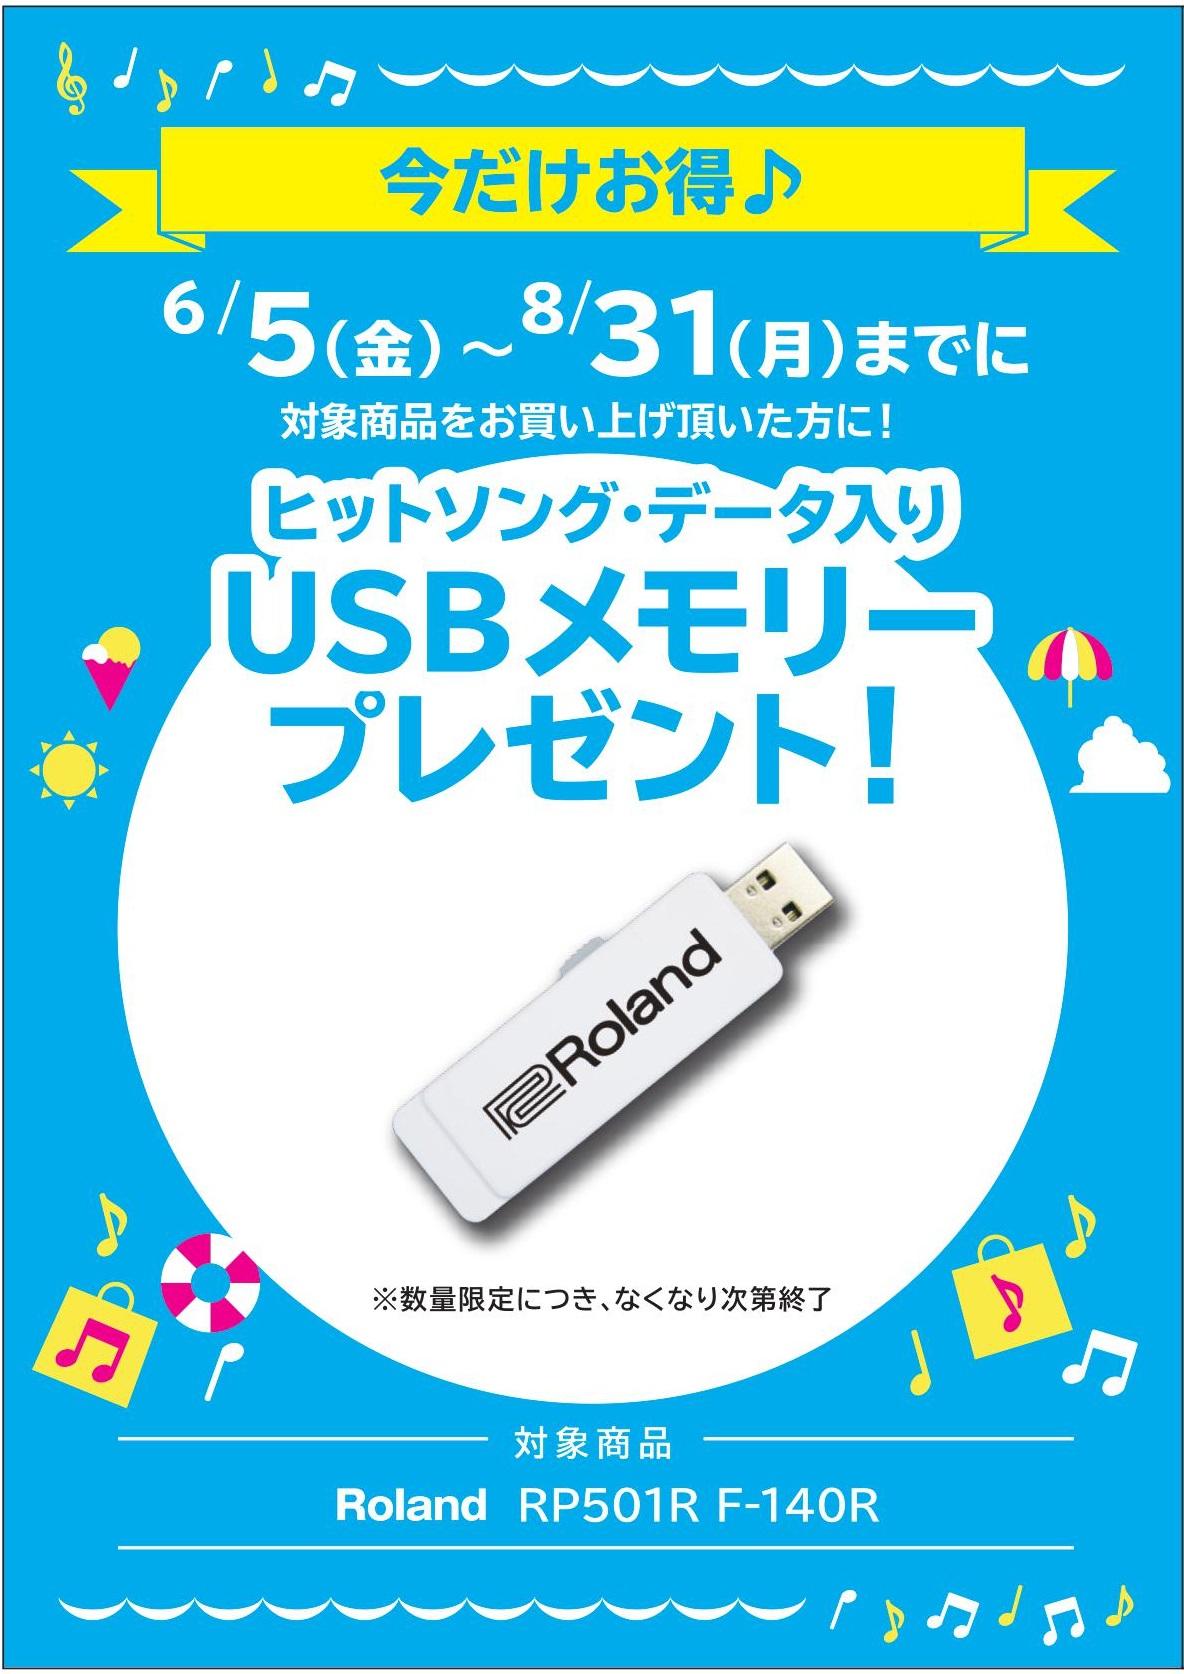 USBメモリー プレゼント RP501R